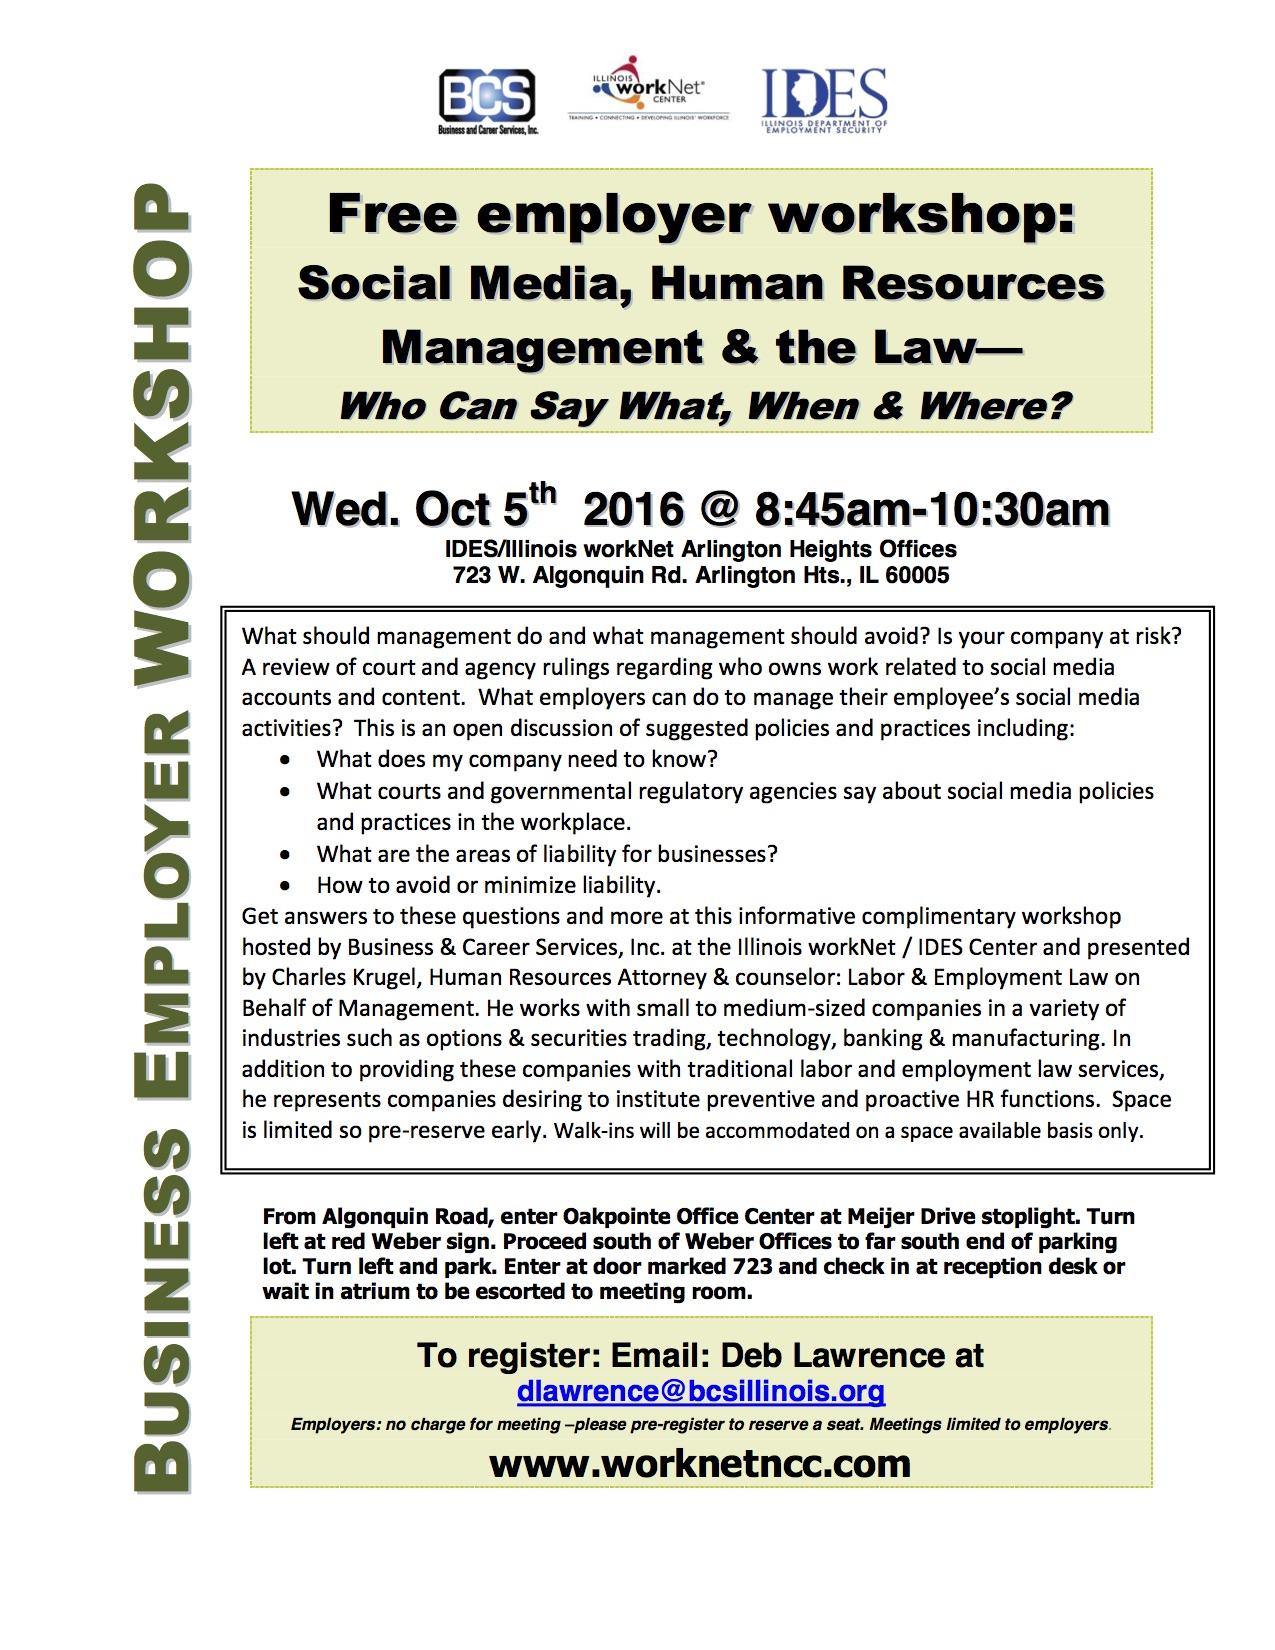 10/5/16 & 10/26/16 Social Media & HR Law Presentations at